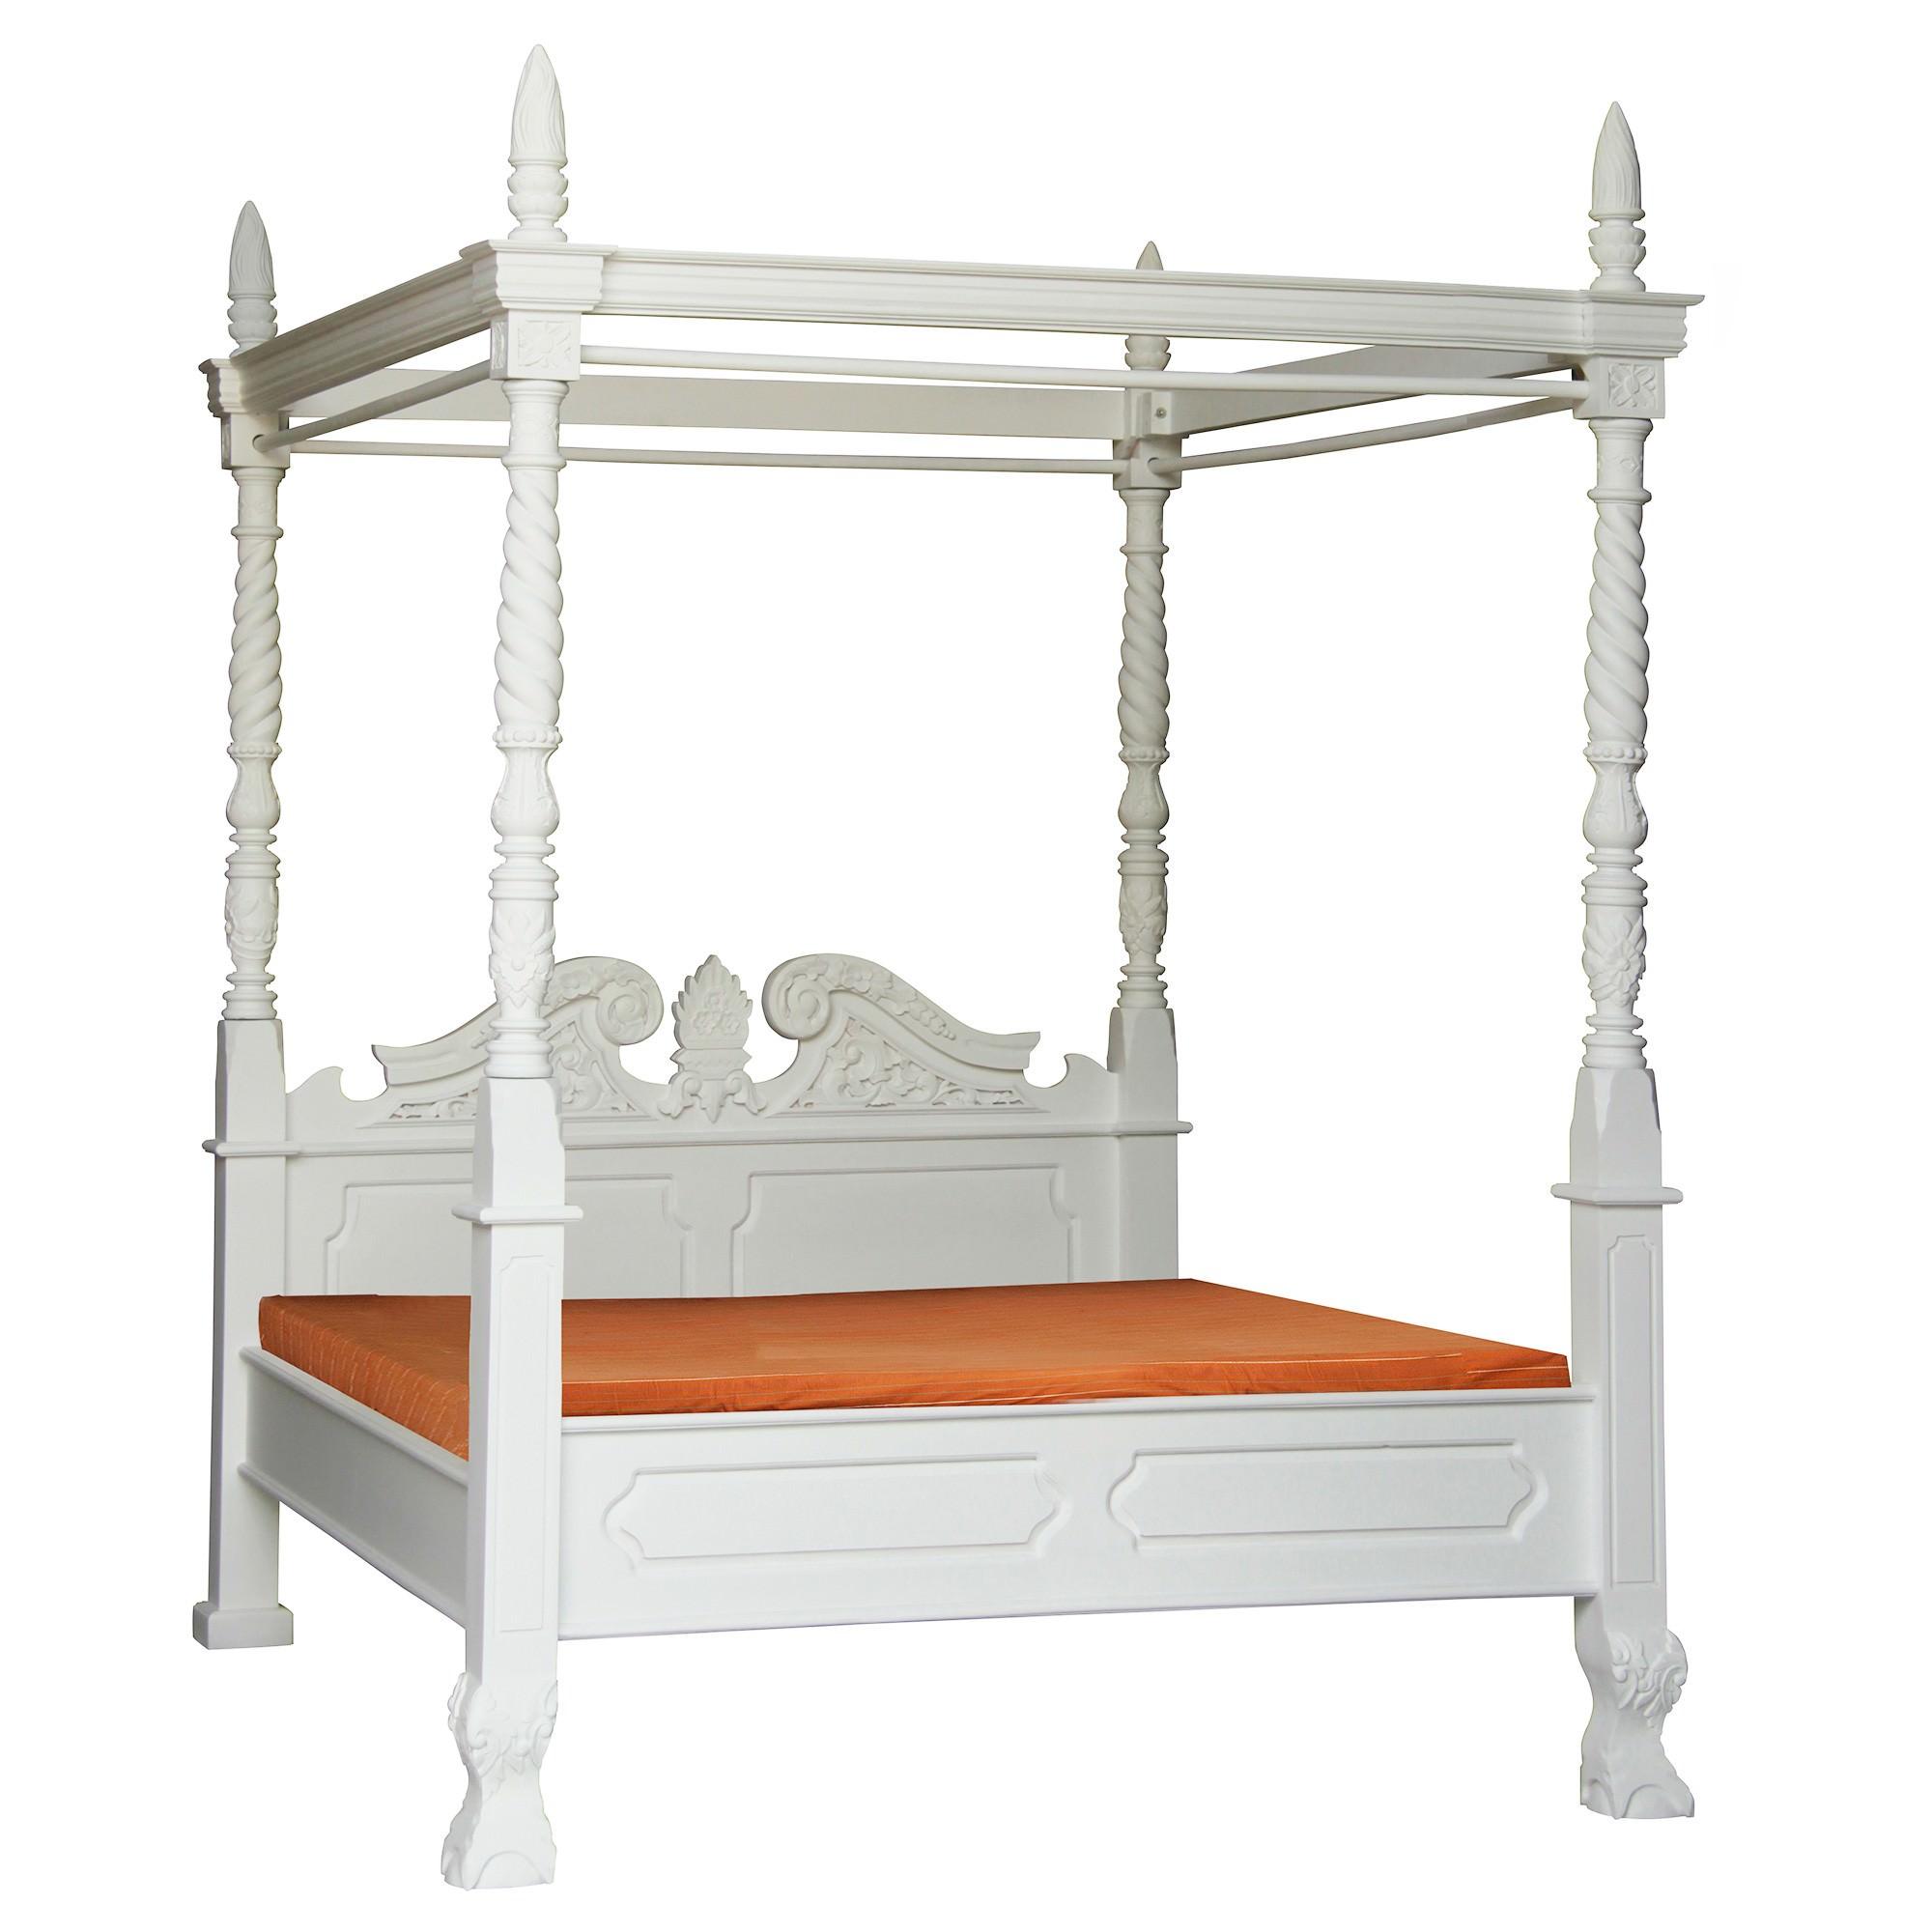 Jepara Mahogany Timber 4 Poster Bed, King, White